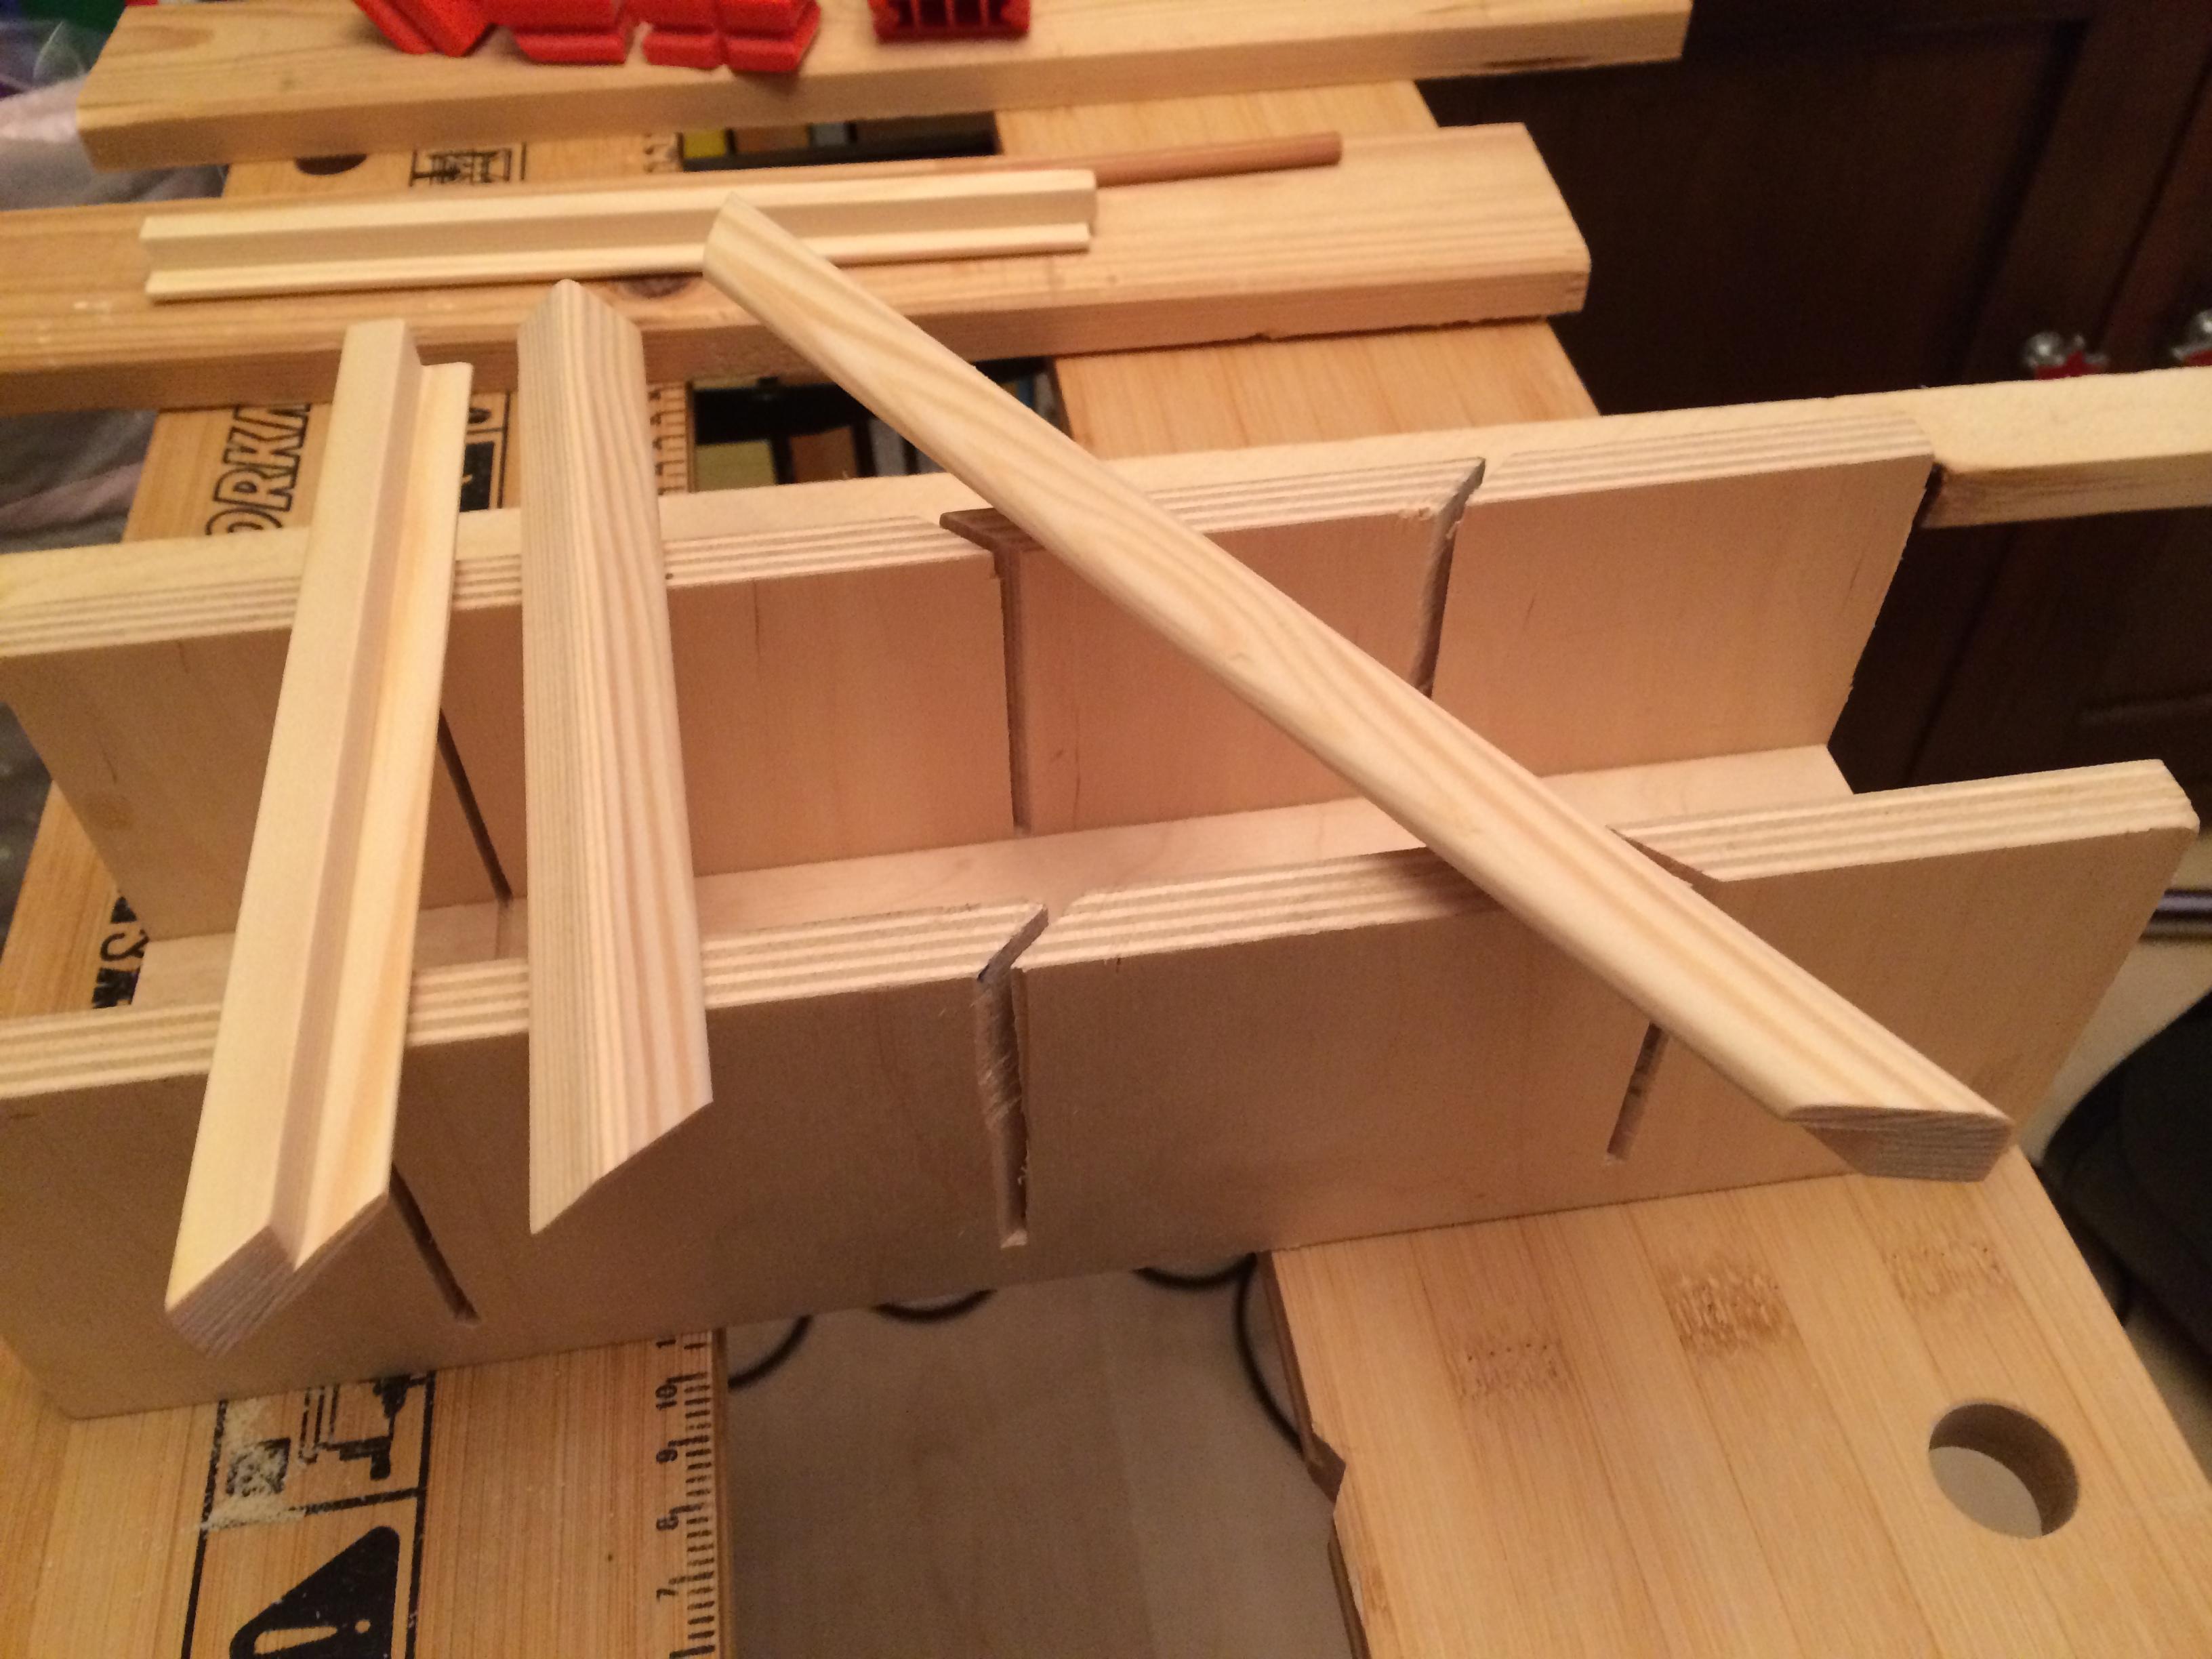 Selbstbauanleitung Tablet-Halter für die Küche - Leisten geleimt, geschliffen und gesägt